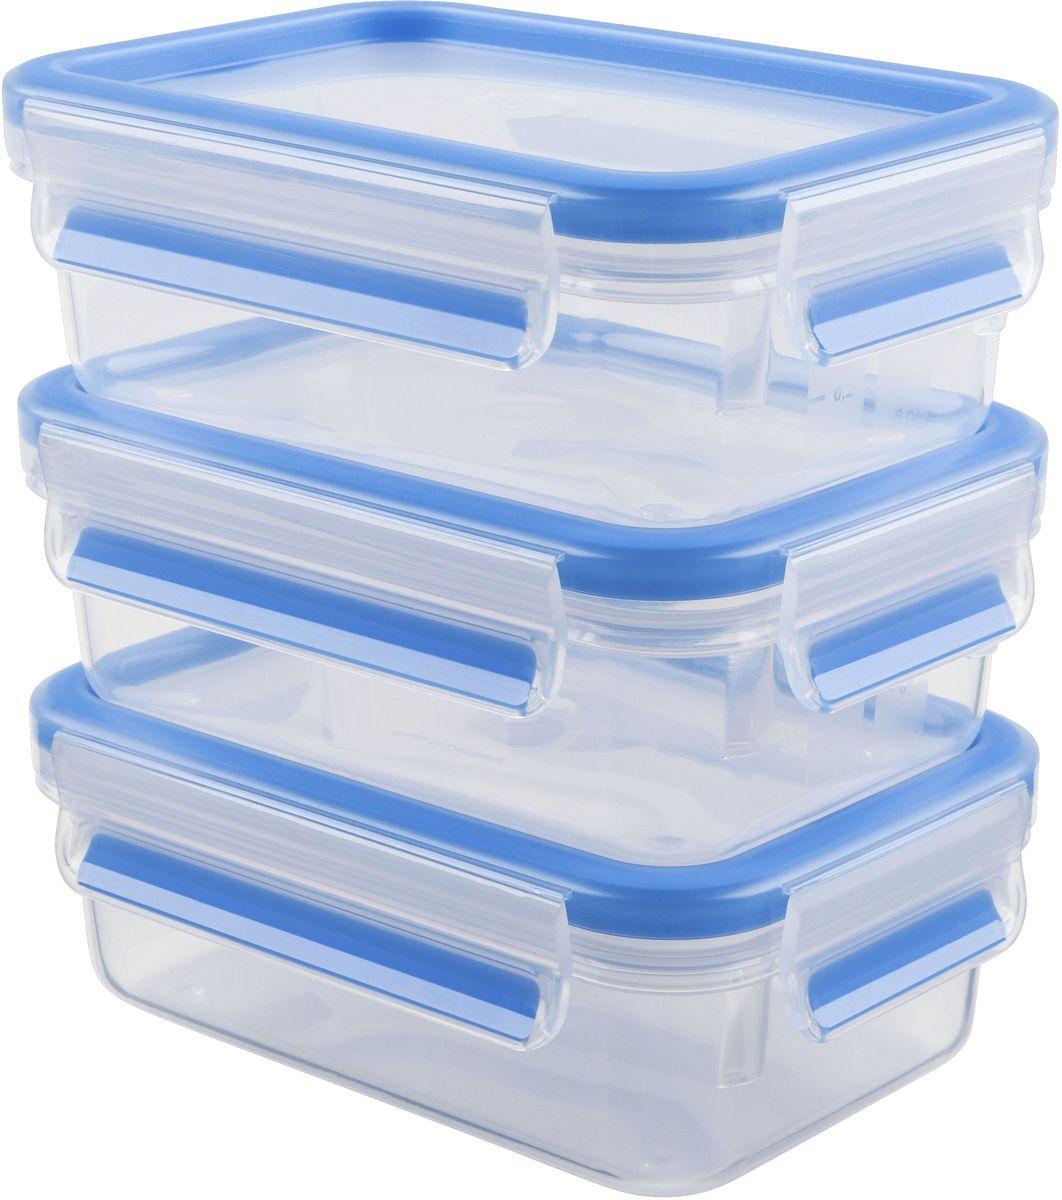 Набор контейнеров Emsa Clip&Close, 3 предмета, 550 мл508570